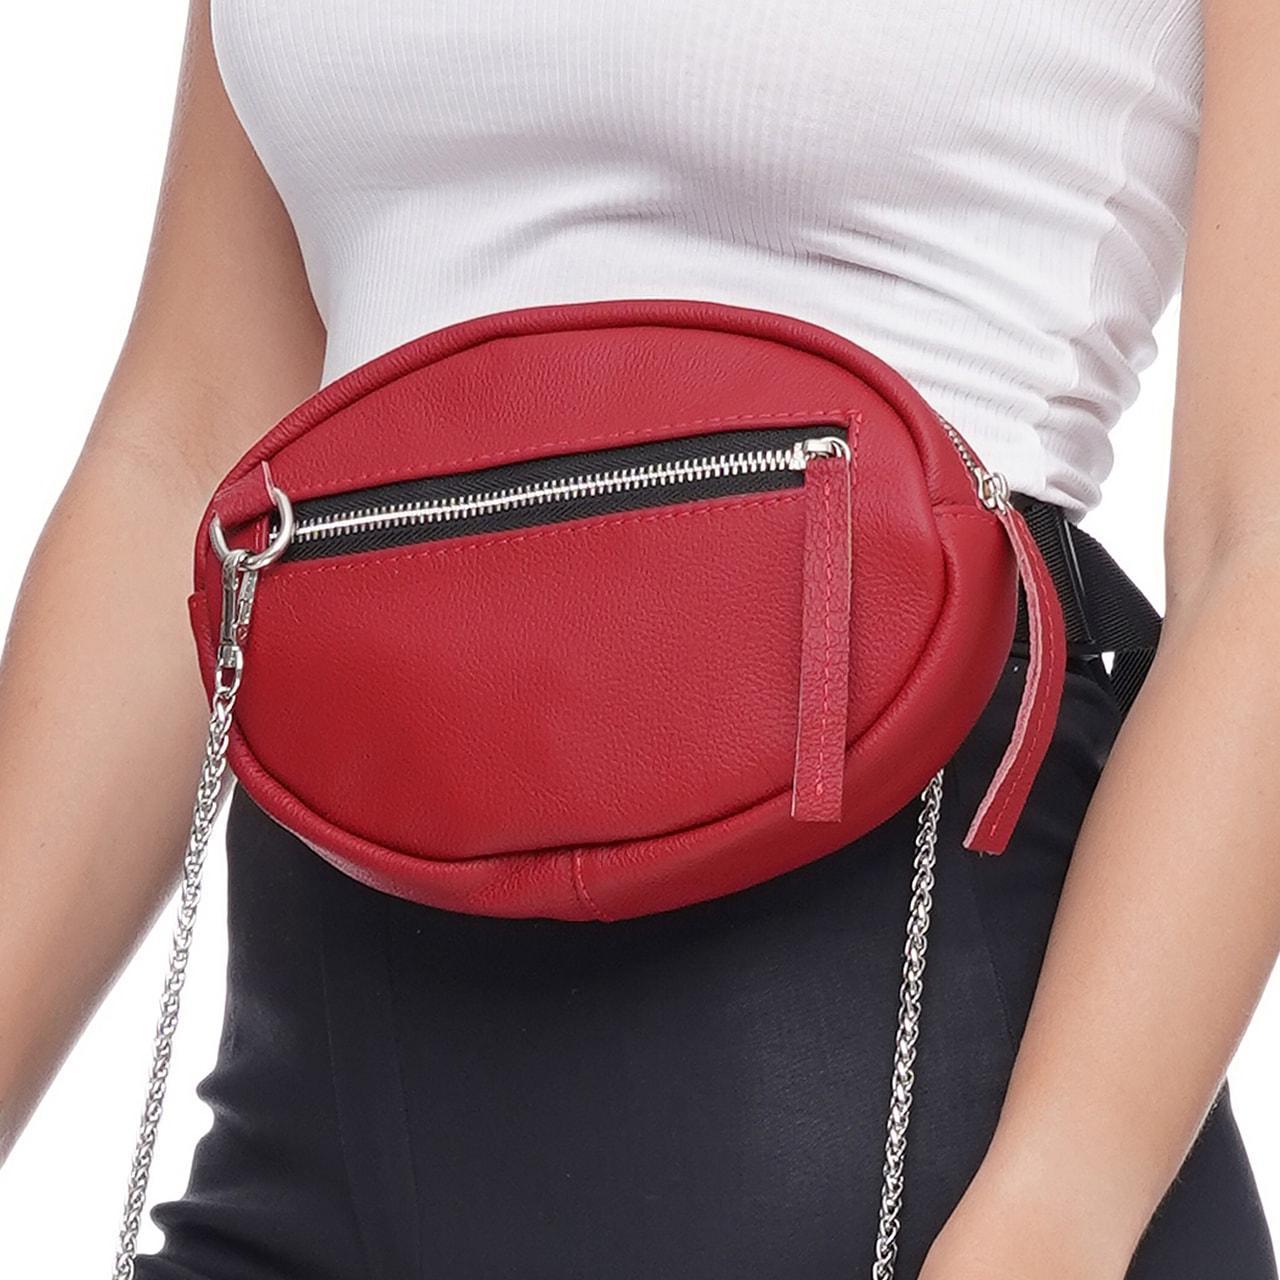 Кожаная женская сумка Jane, цвет Красный